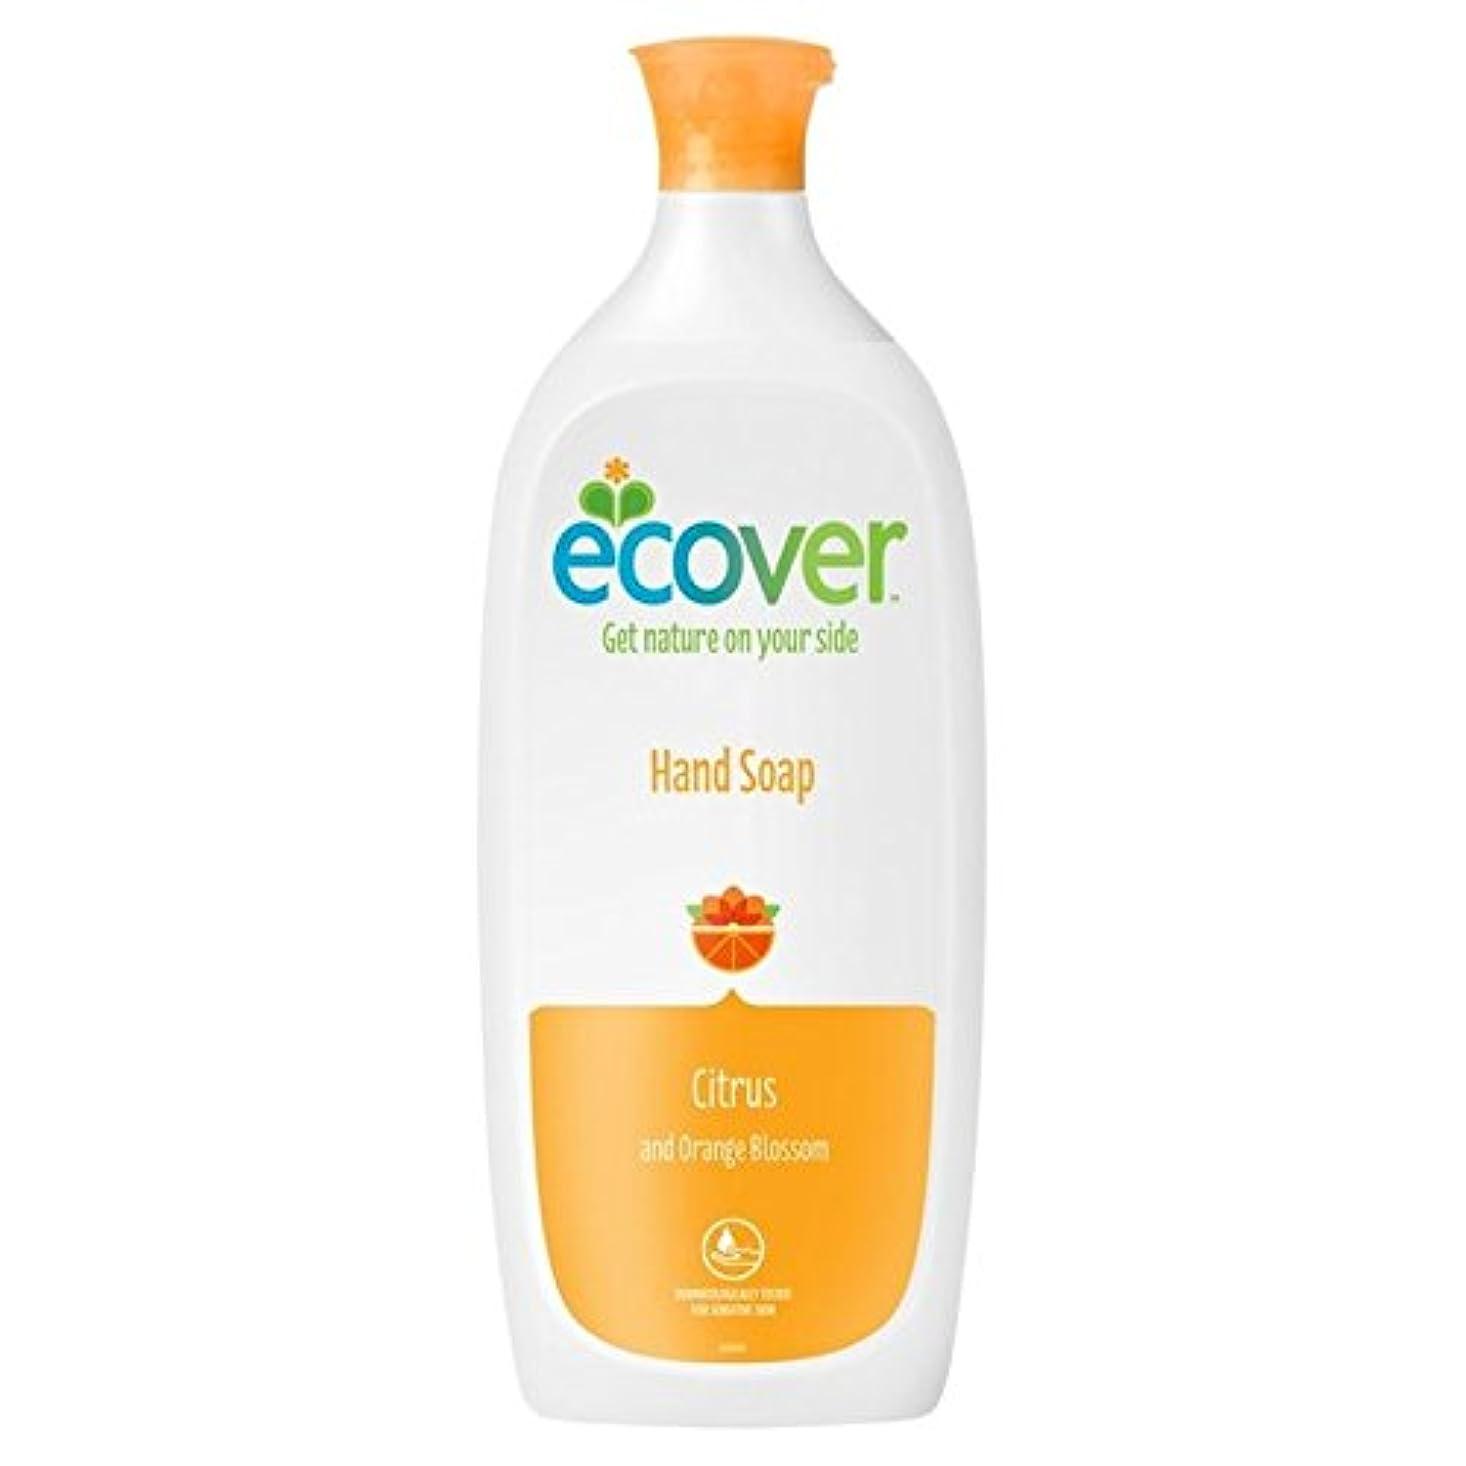 犯罪石油骨の折れるエコベール液体石鹸シトラス&オレンジの花のリフィル1リットル x2 - Ecover Liquid Soap Citrus & Orange Blossom Refill 1L (Pack of 2) [並行輸入品]